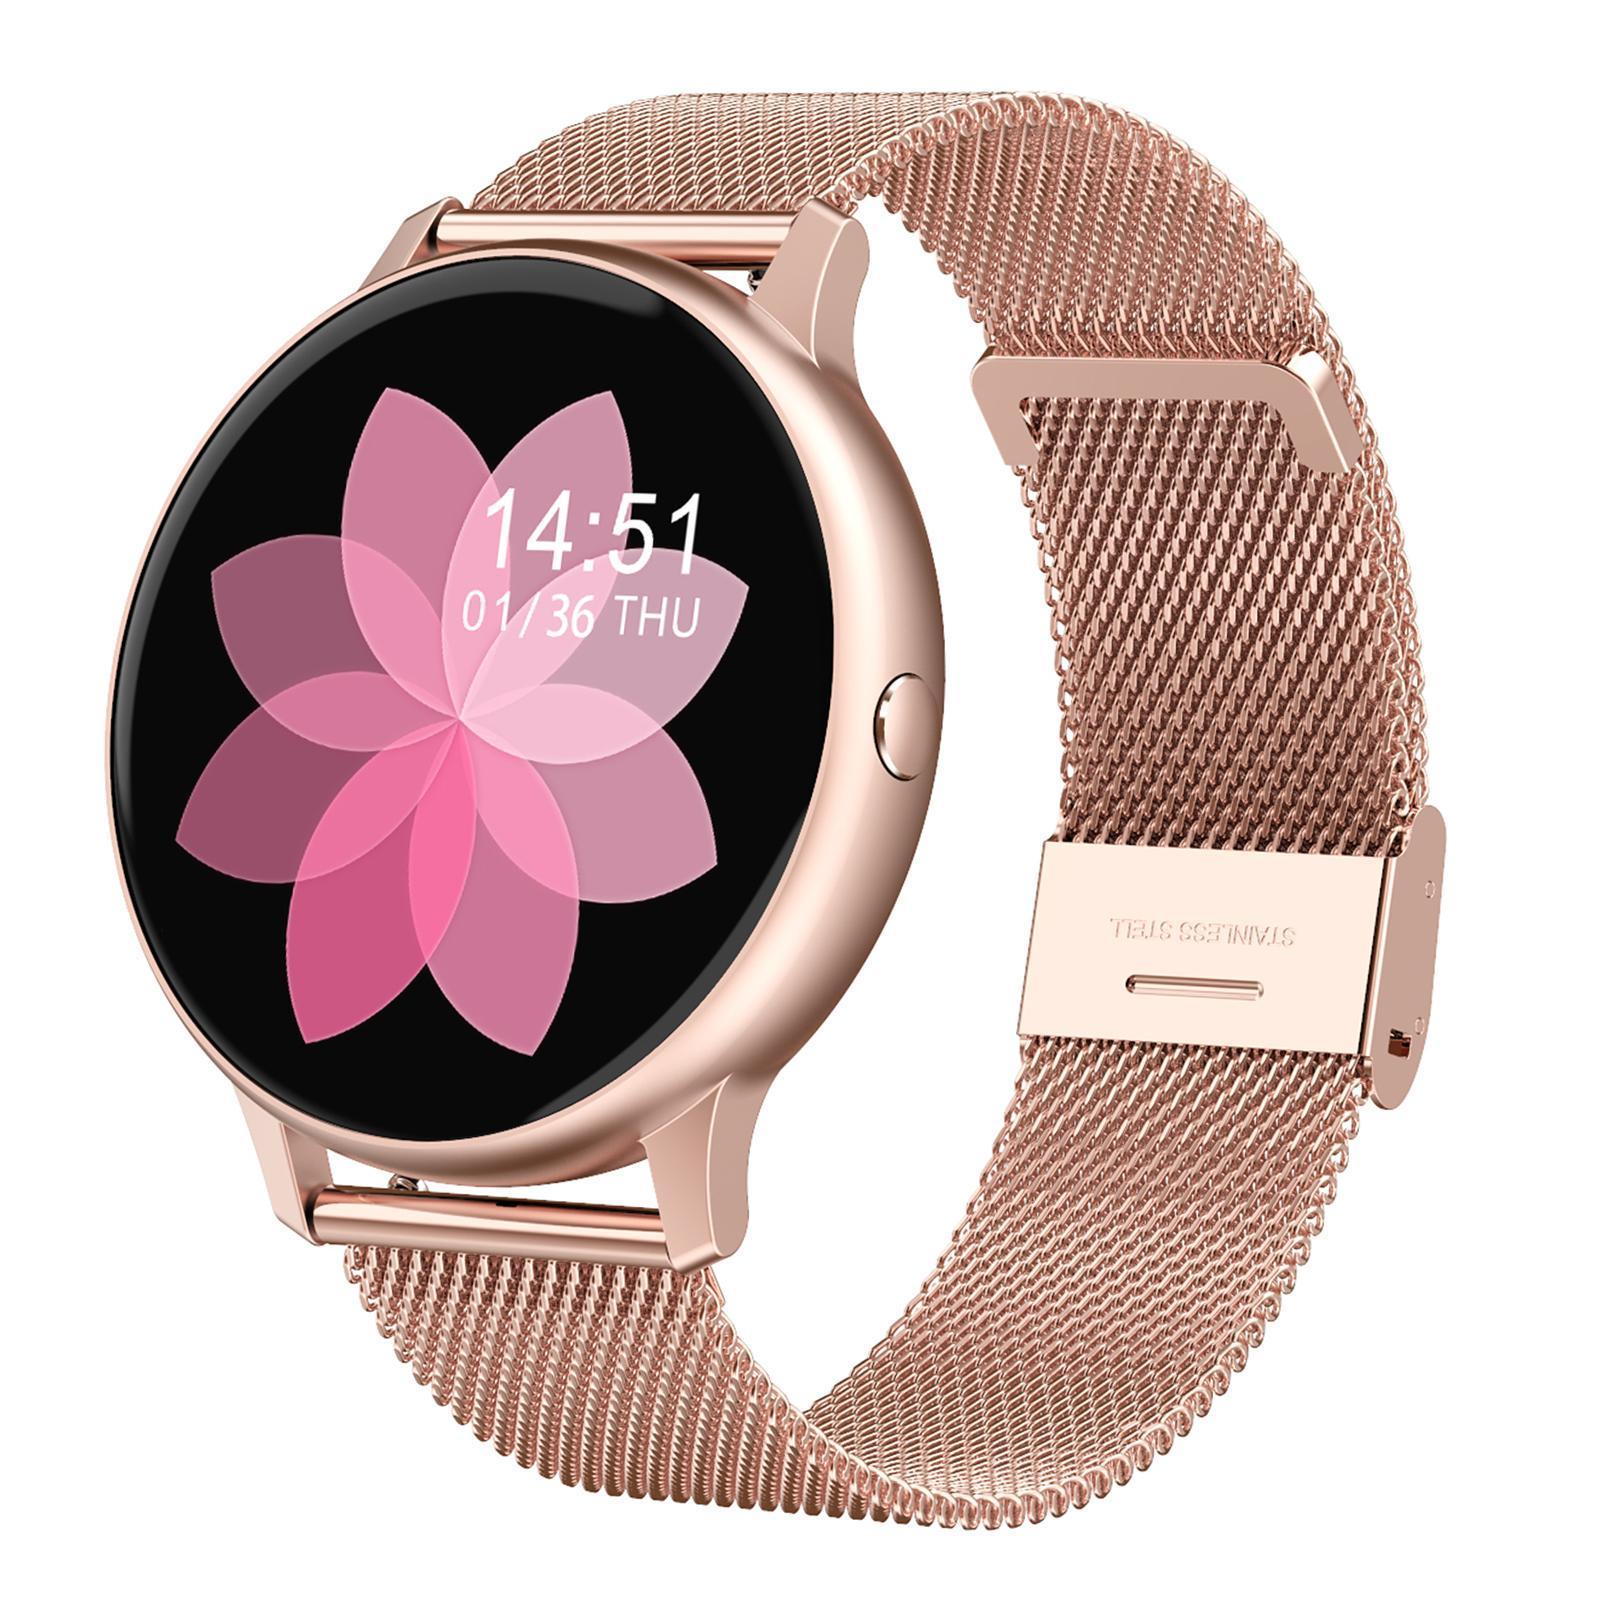 Indexbild 49 - Neue DT88 PRO Smart Uhr Herzfrequenz EKG Monitor Smartwatch für IOS Android